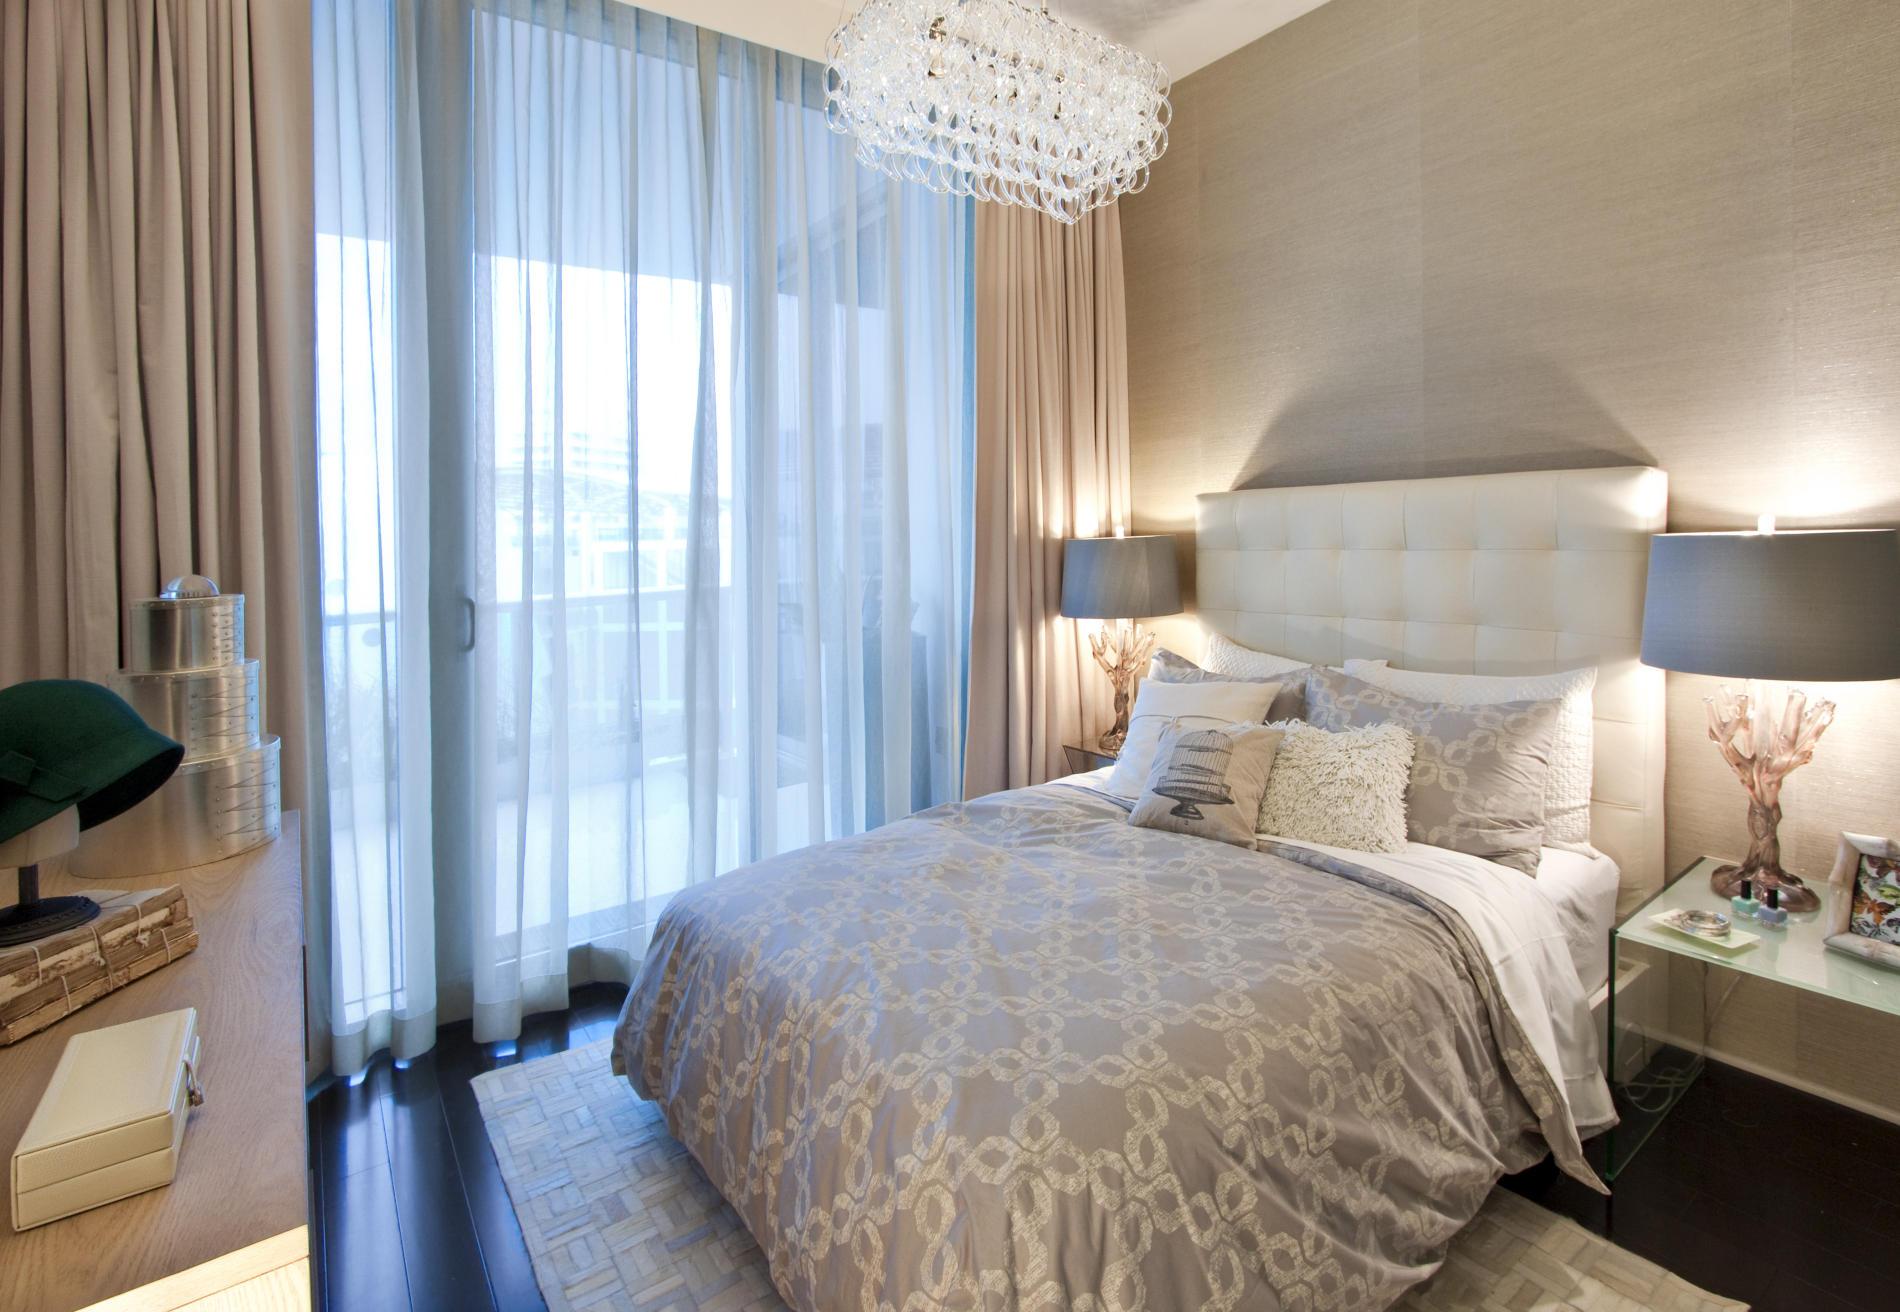 8 дизайн интерьера спальни.jpg